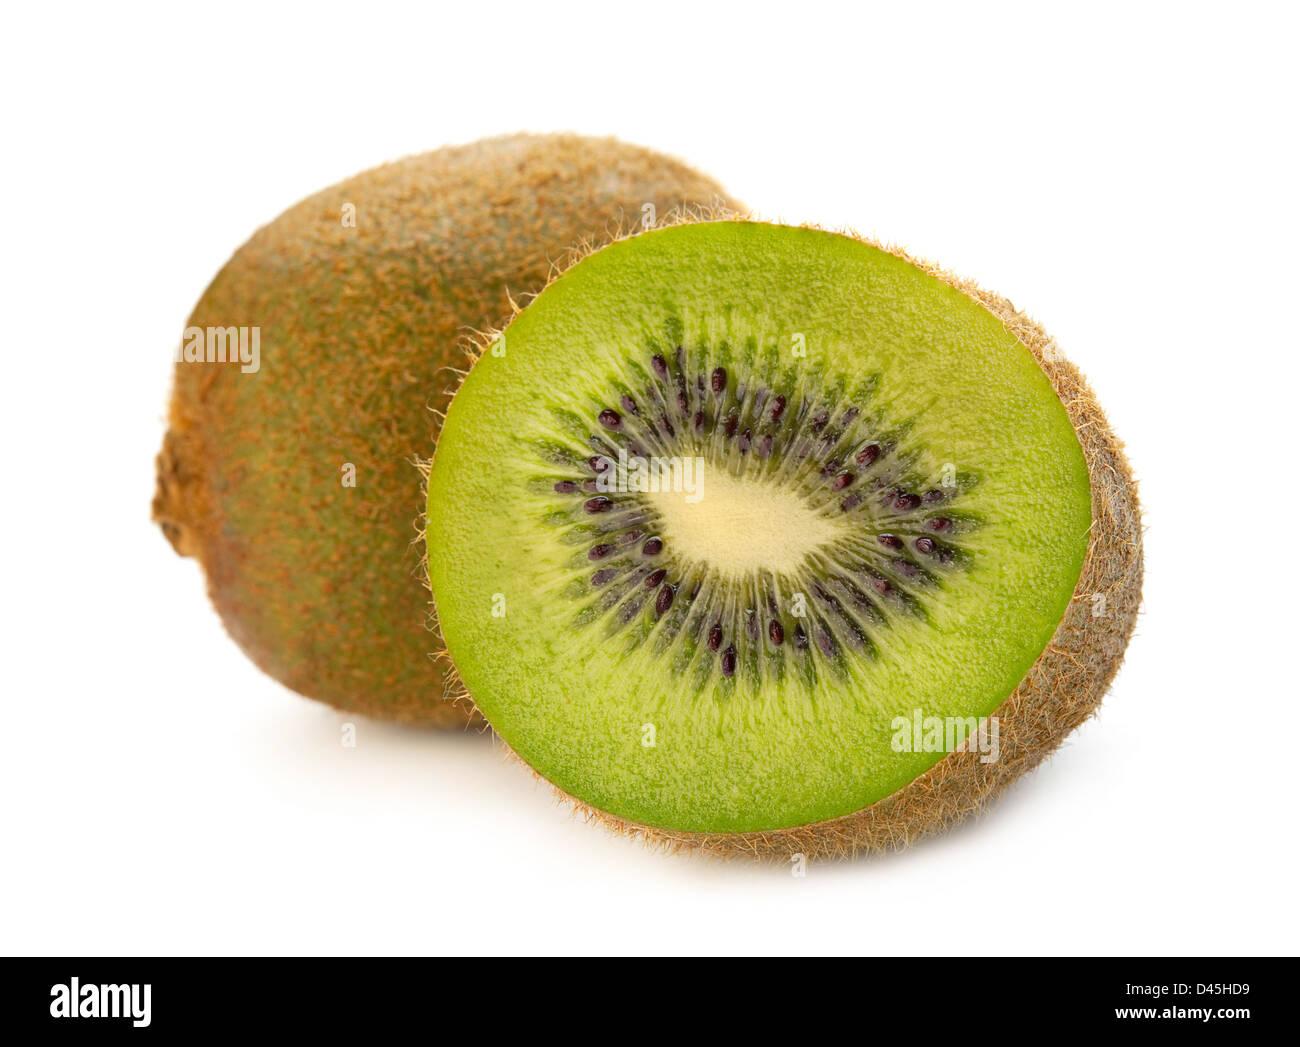 Kiwi fruit isolated on white background - Stock Image